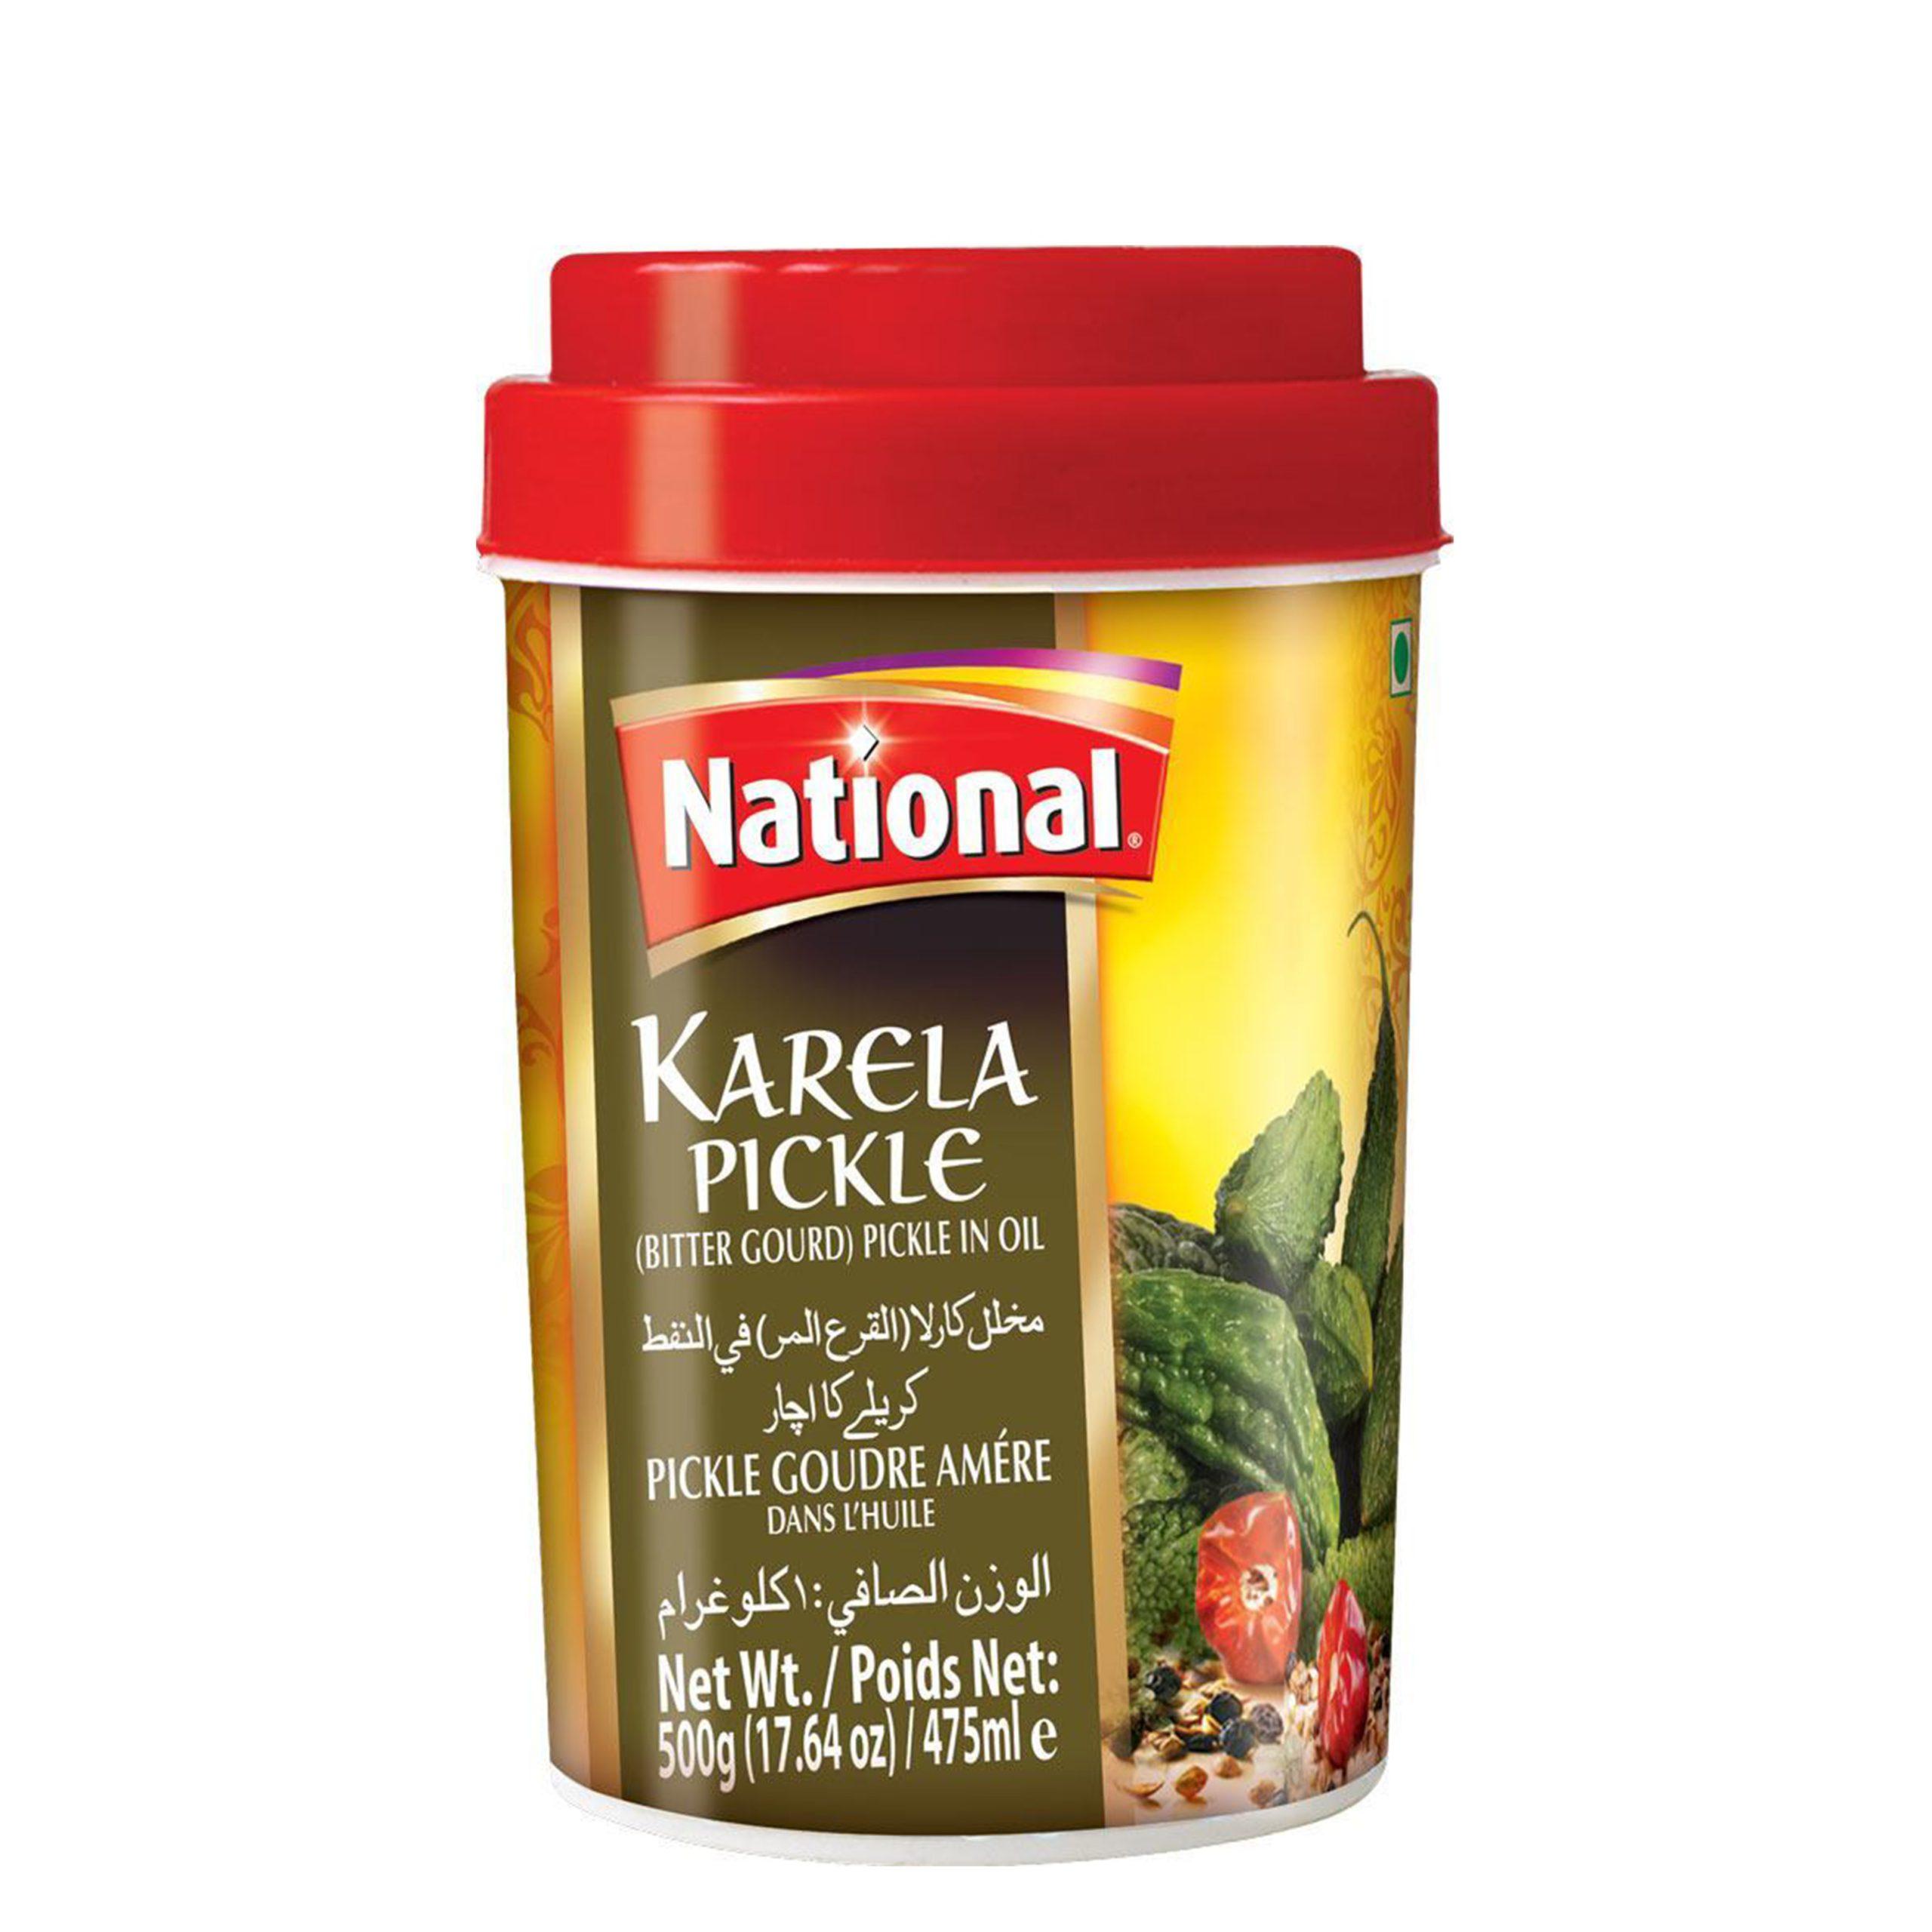 National Karela Pickle in Oil